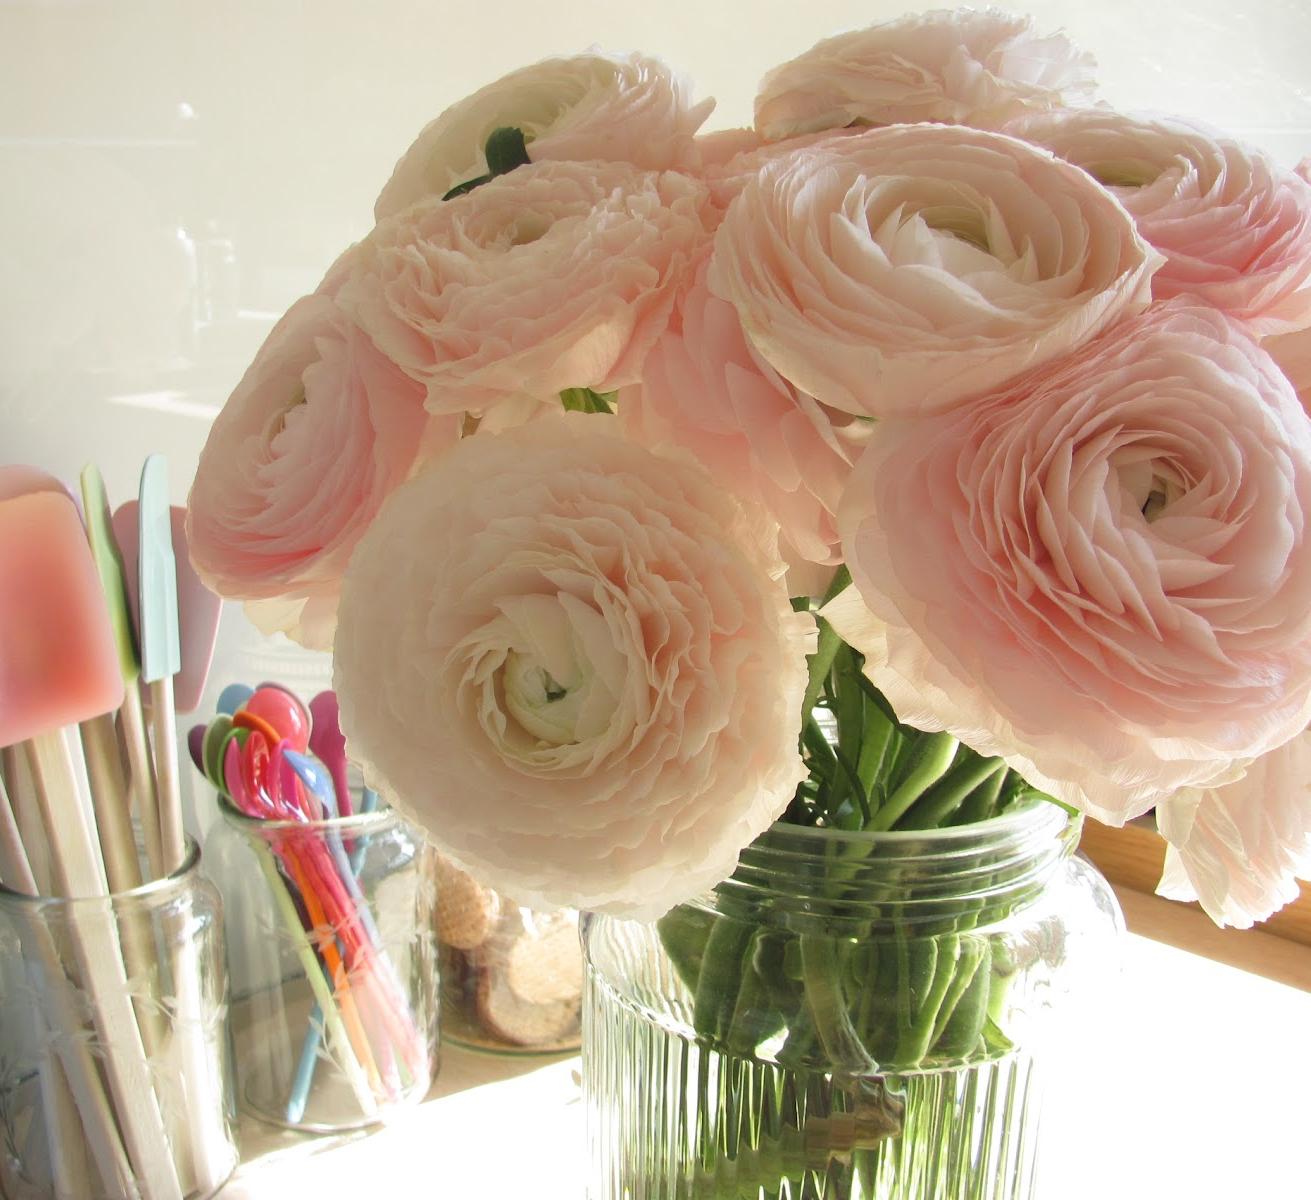 виды цветов для букетов фото с названиями работы